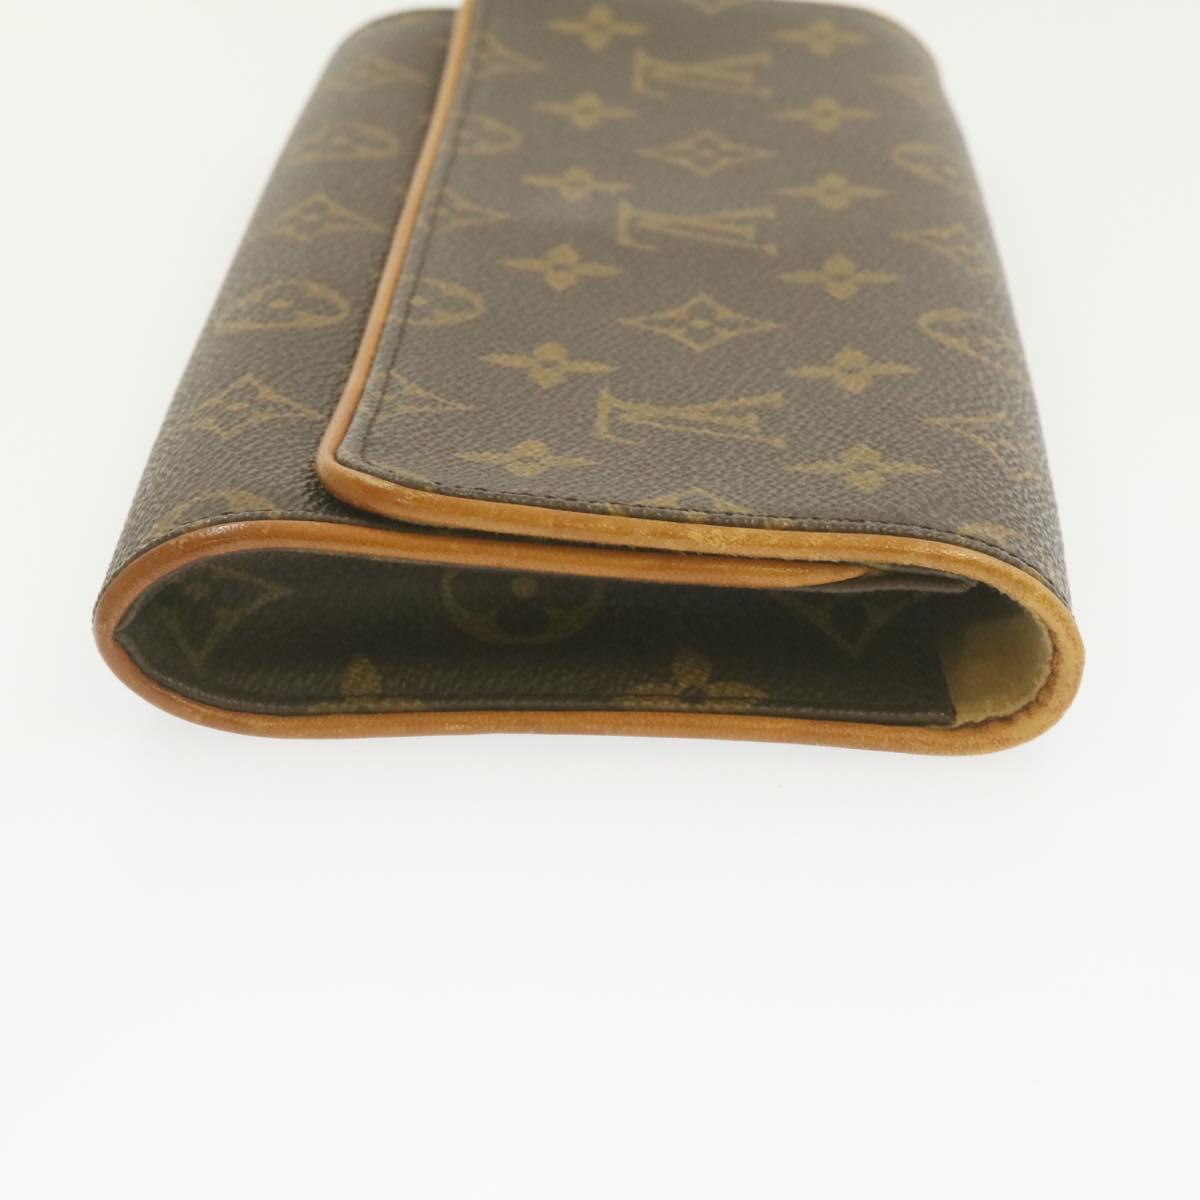 Louis Vuitton Pochette Twin Shoulder Bag Vintage Gm